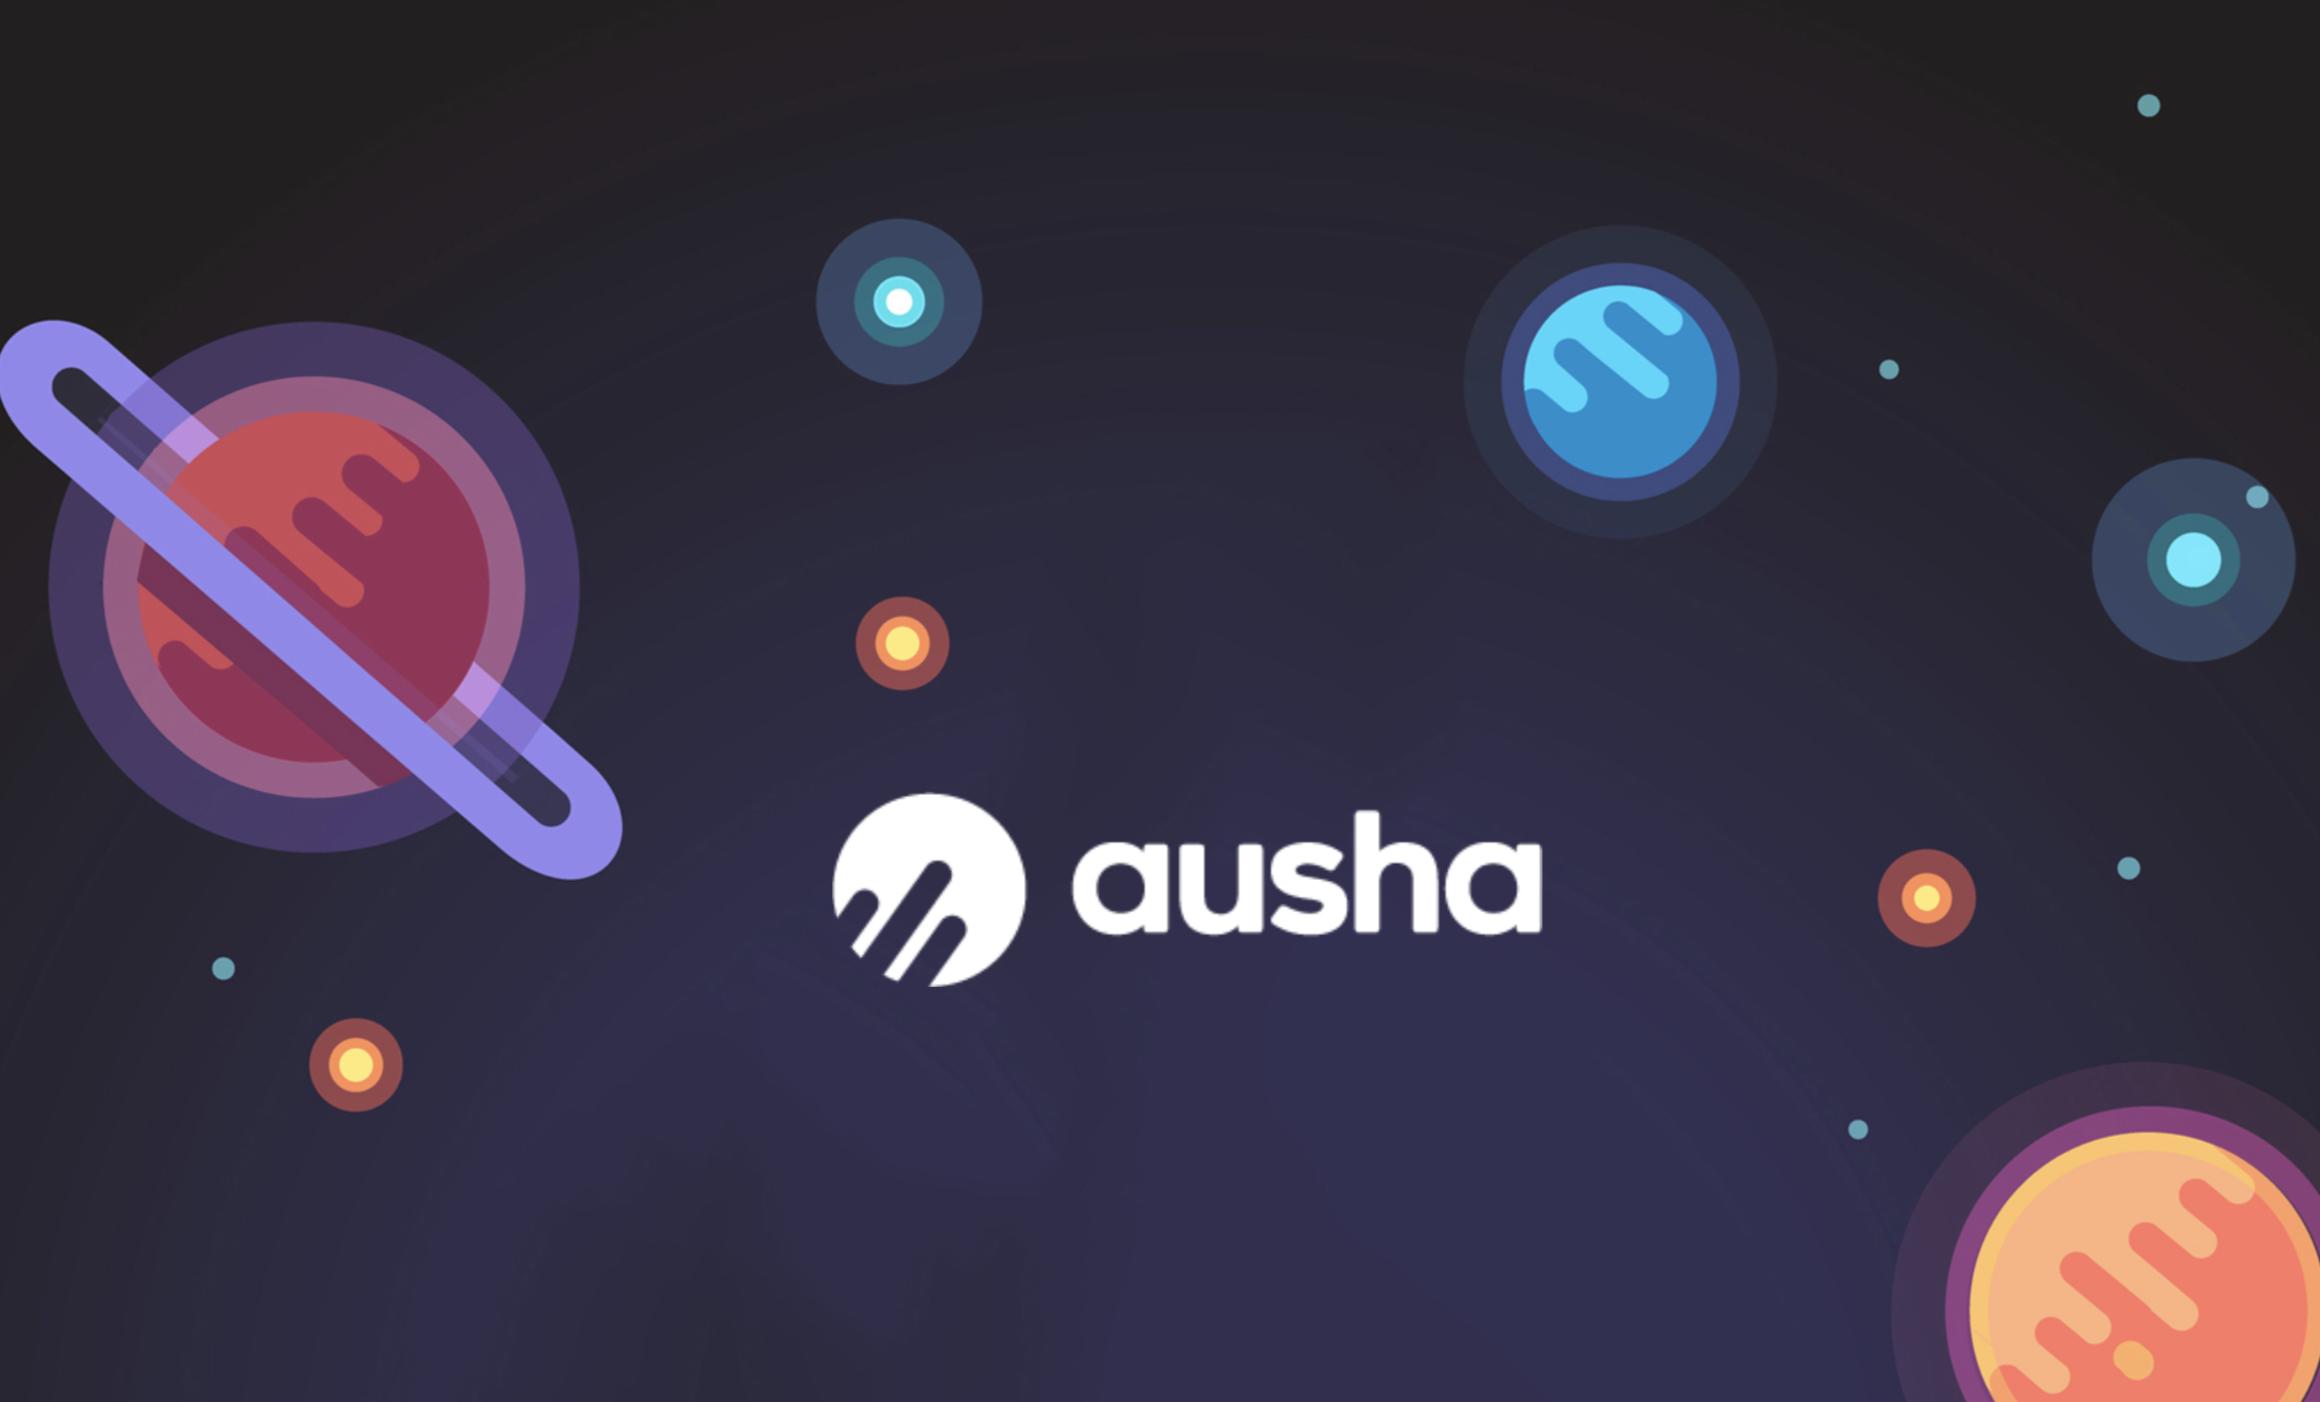 Avec Ausha, RadioKing veut révolutionner le podcast